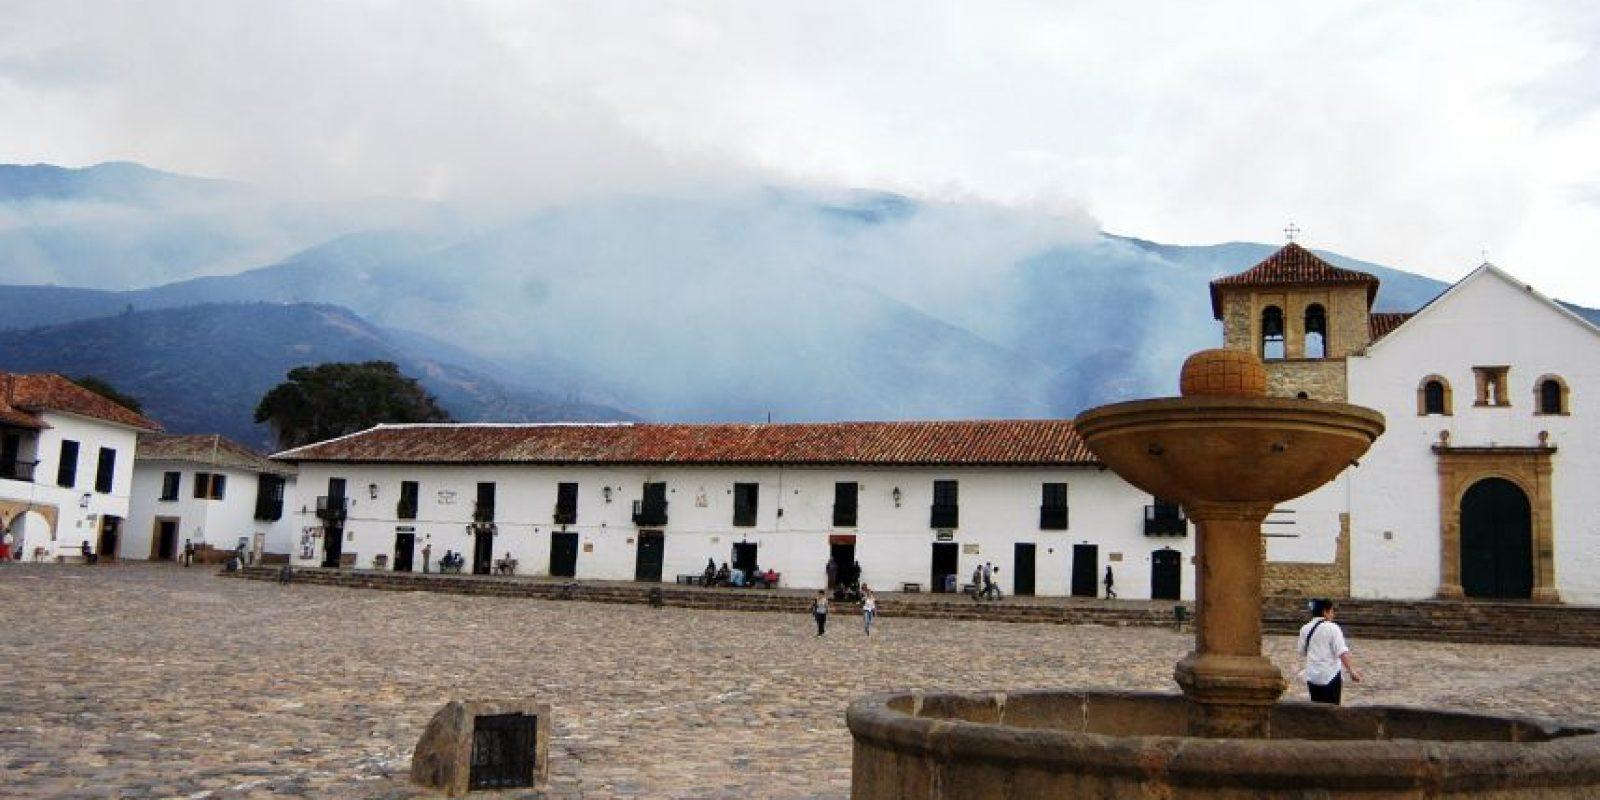 El tercer pueblo más bonito para El País es Villa de Leyva, afectado en los últimos años por varios incendios forestales Foto:EFE